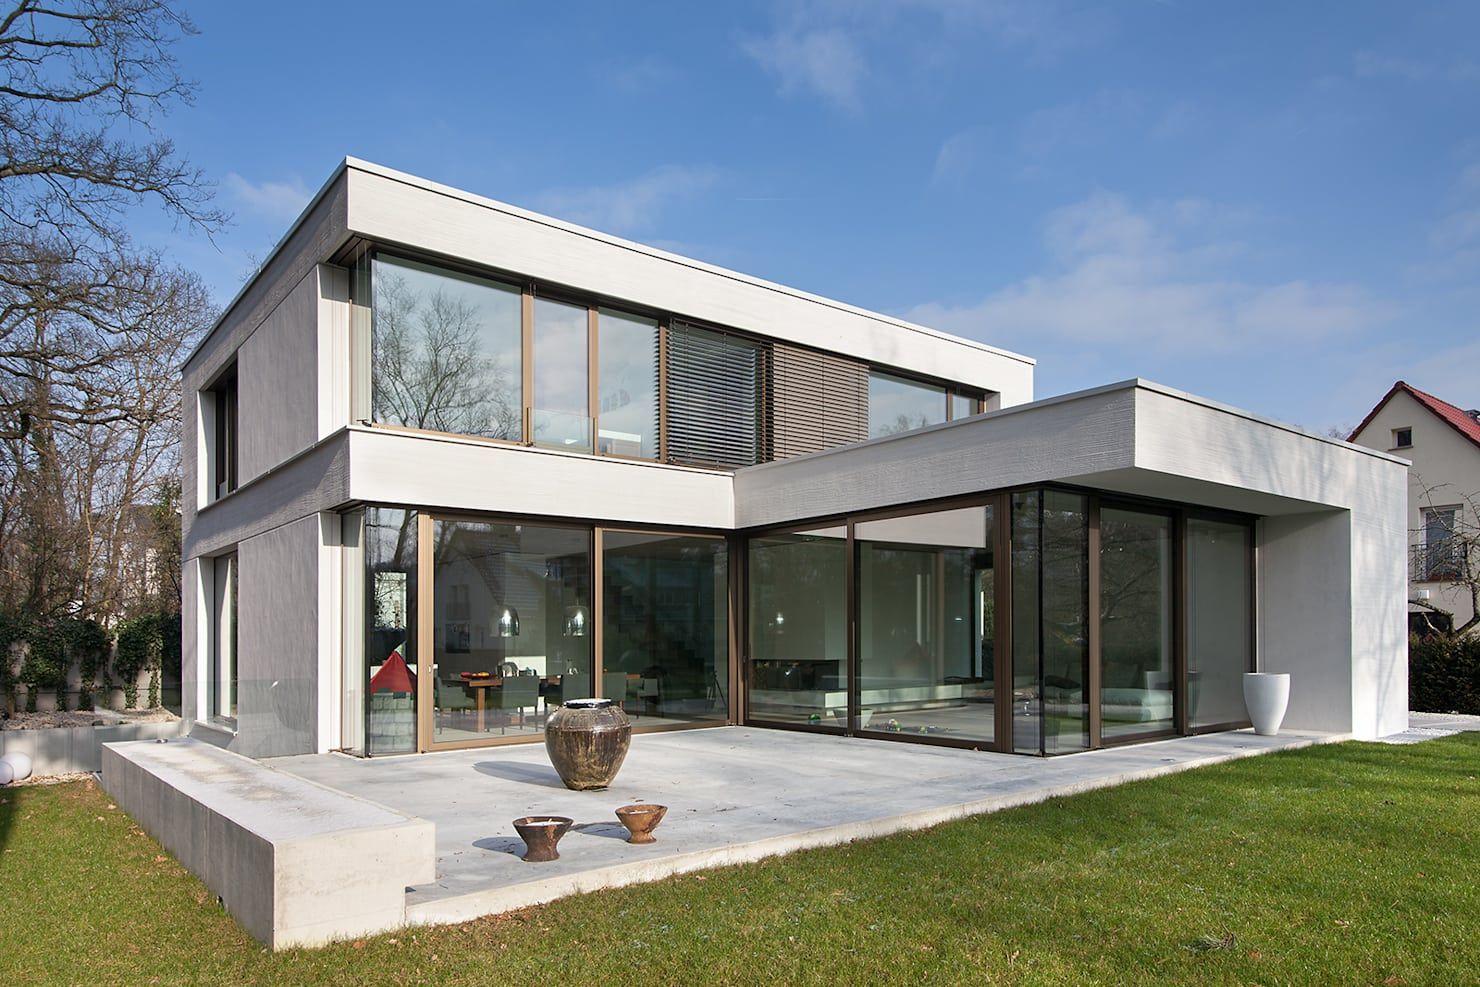 Modernes Haus mit fantastischem Design   House and Interiors